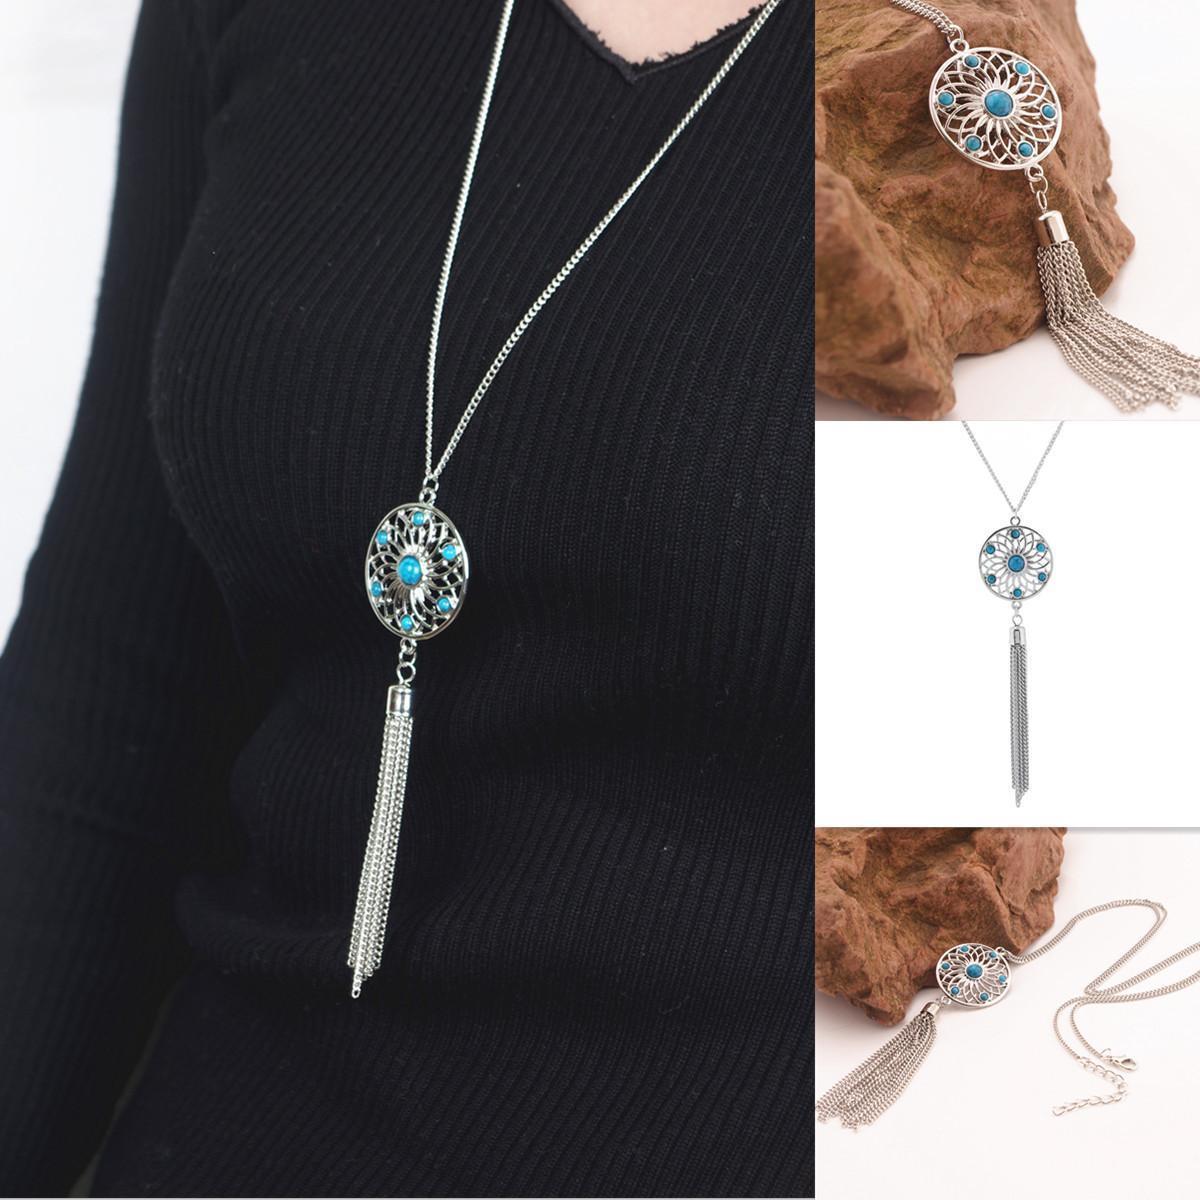 Pandantifler Kolye Bohemia Vintage Kadınlar Mavi Boncuk Gümüş Kaplama Hollow Out Çiçek Püskül Zincirler Clavicle Kolye Takı Toptan SN828